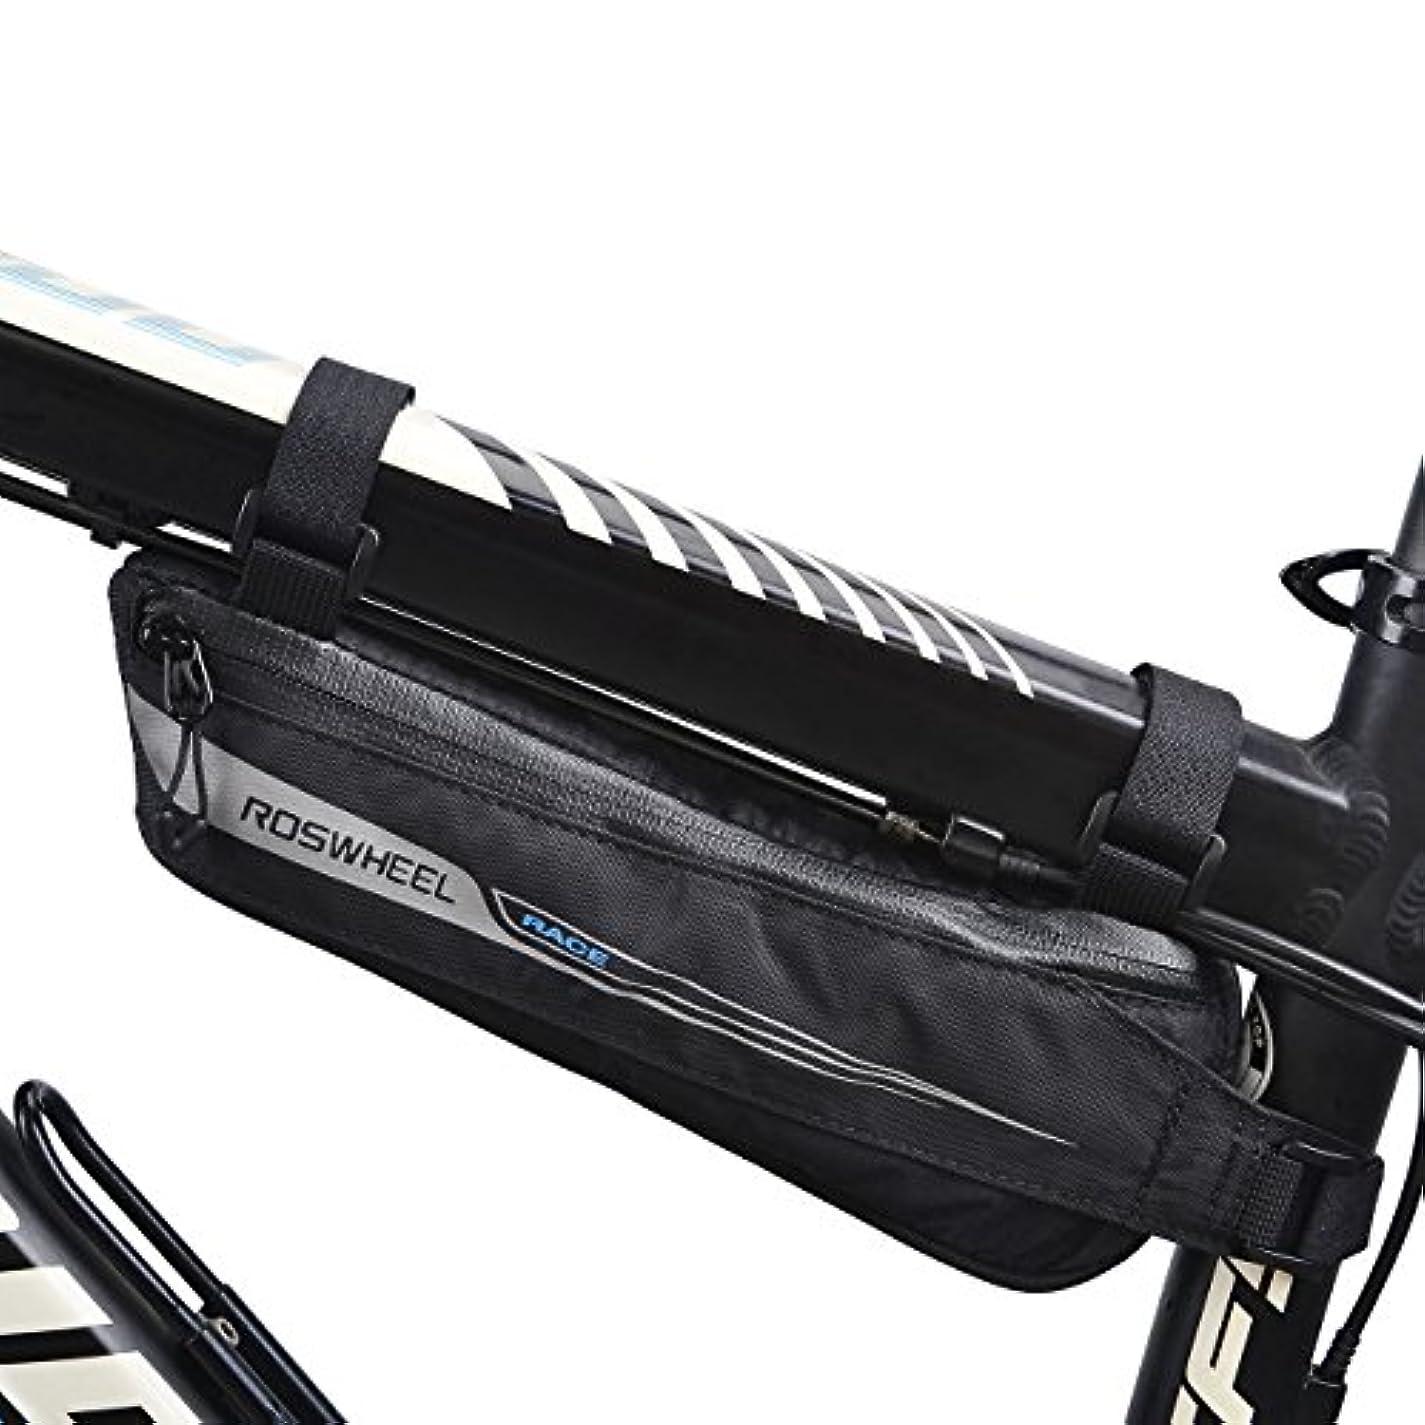 篭おんどり盗賊flexdin自転車三角形フレームツールバッグ空気力学的デザインfor Road Racing/ツーリングサイクリング、シート下ロードバイクトップチューブパックポーチ防水0.6lブラック